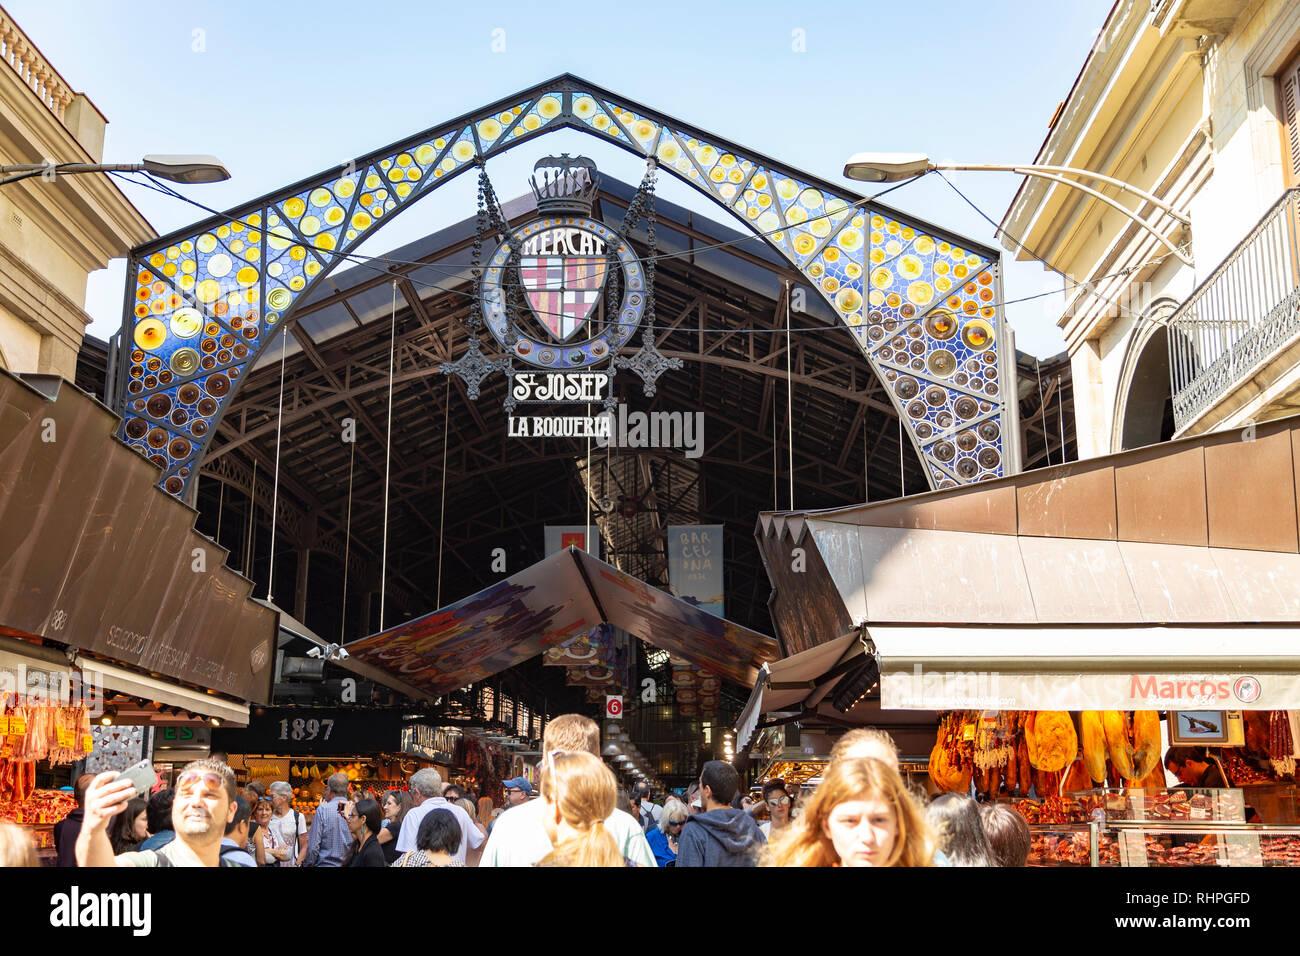 Ingresso al mercato La Boqueria a Barcellona Spagna Immagini Stock